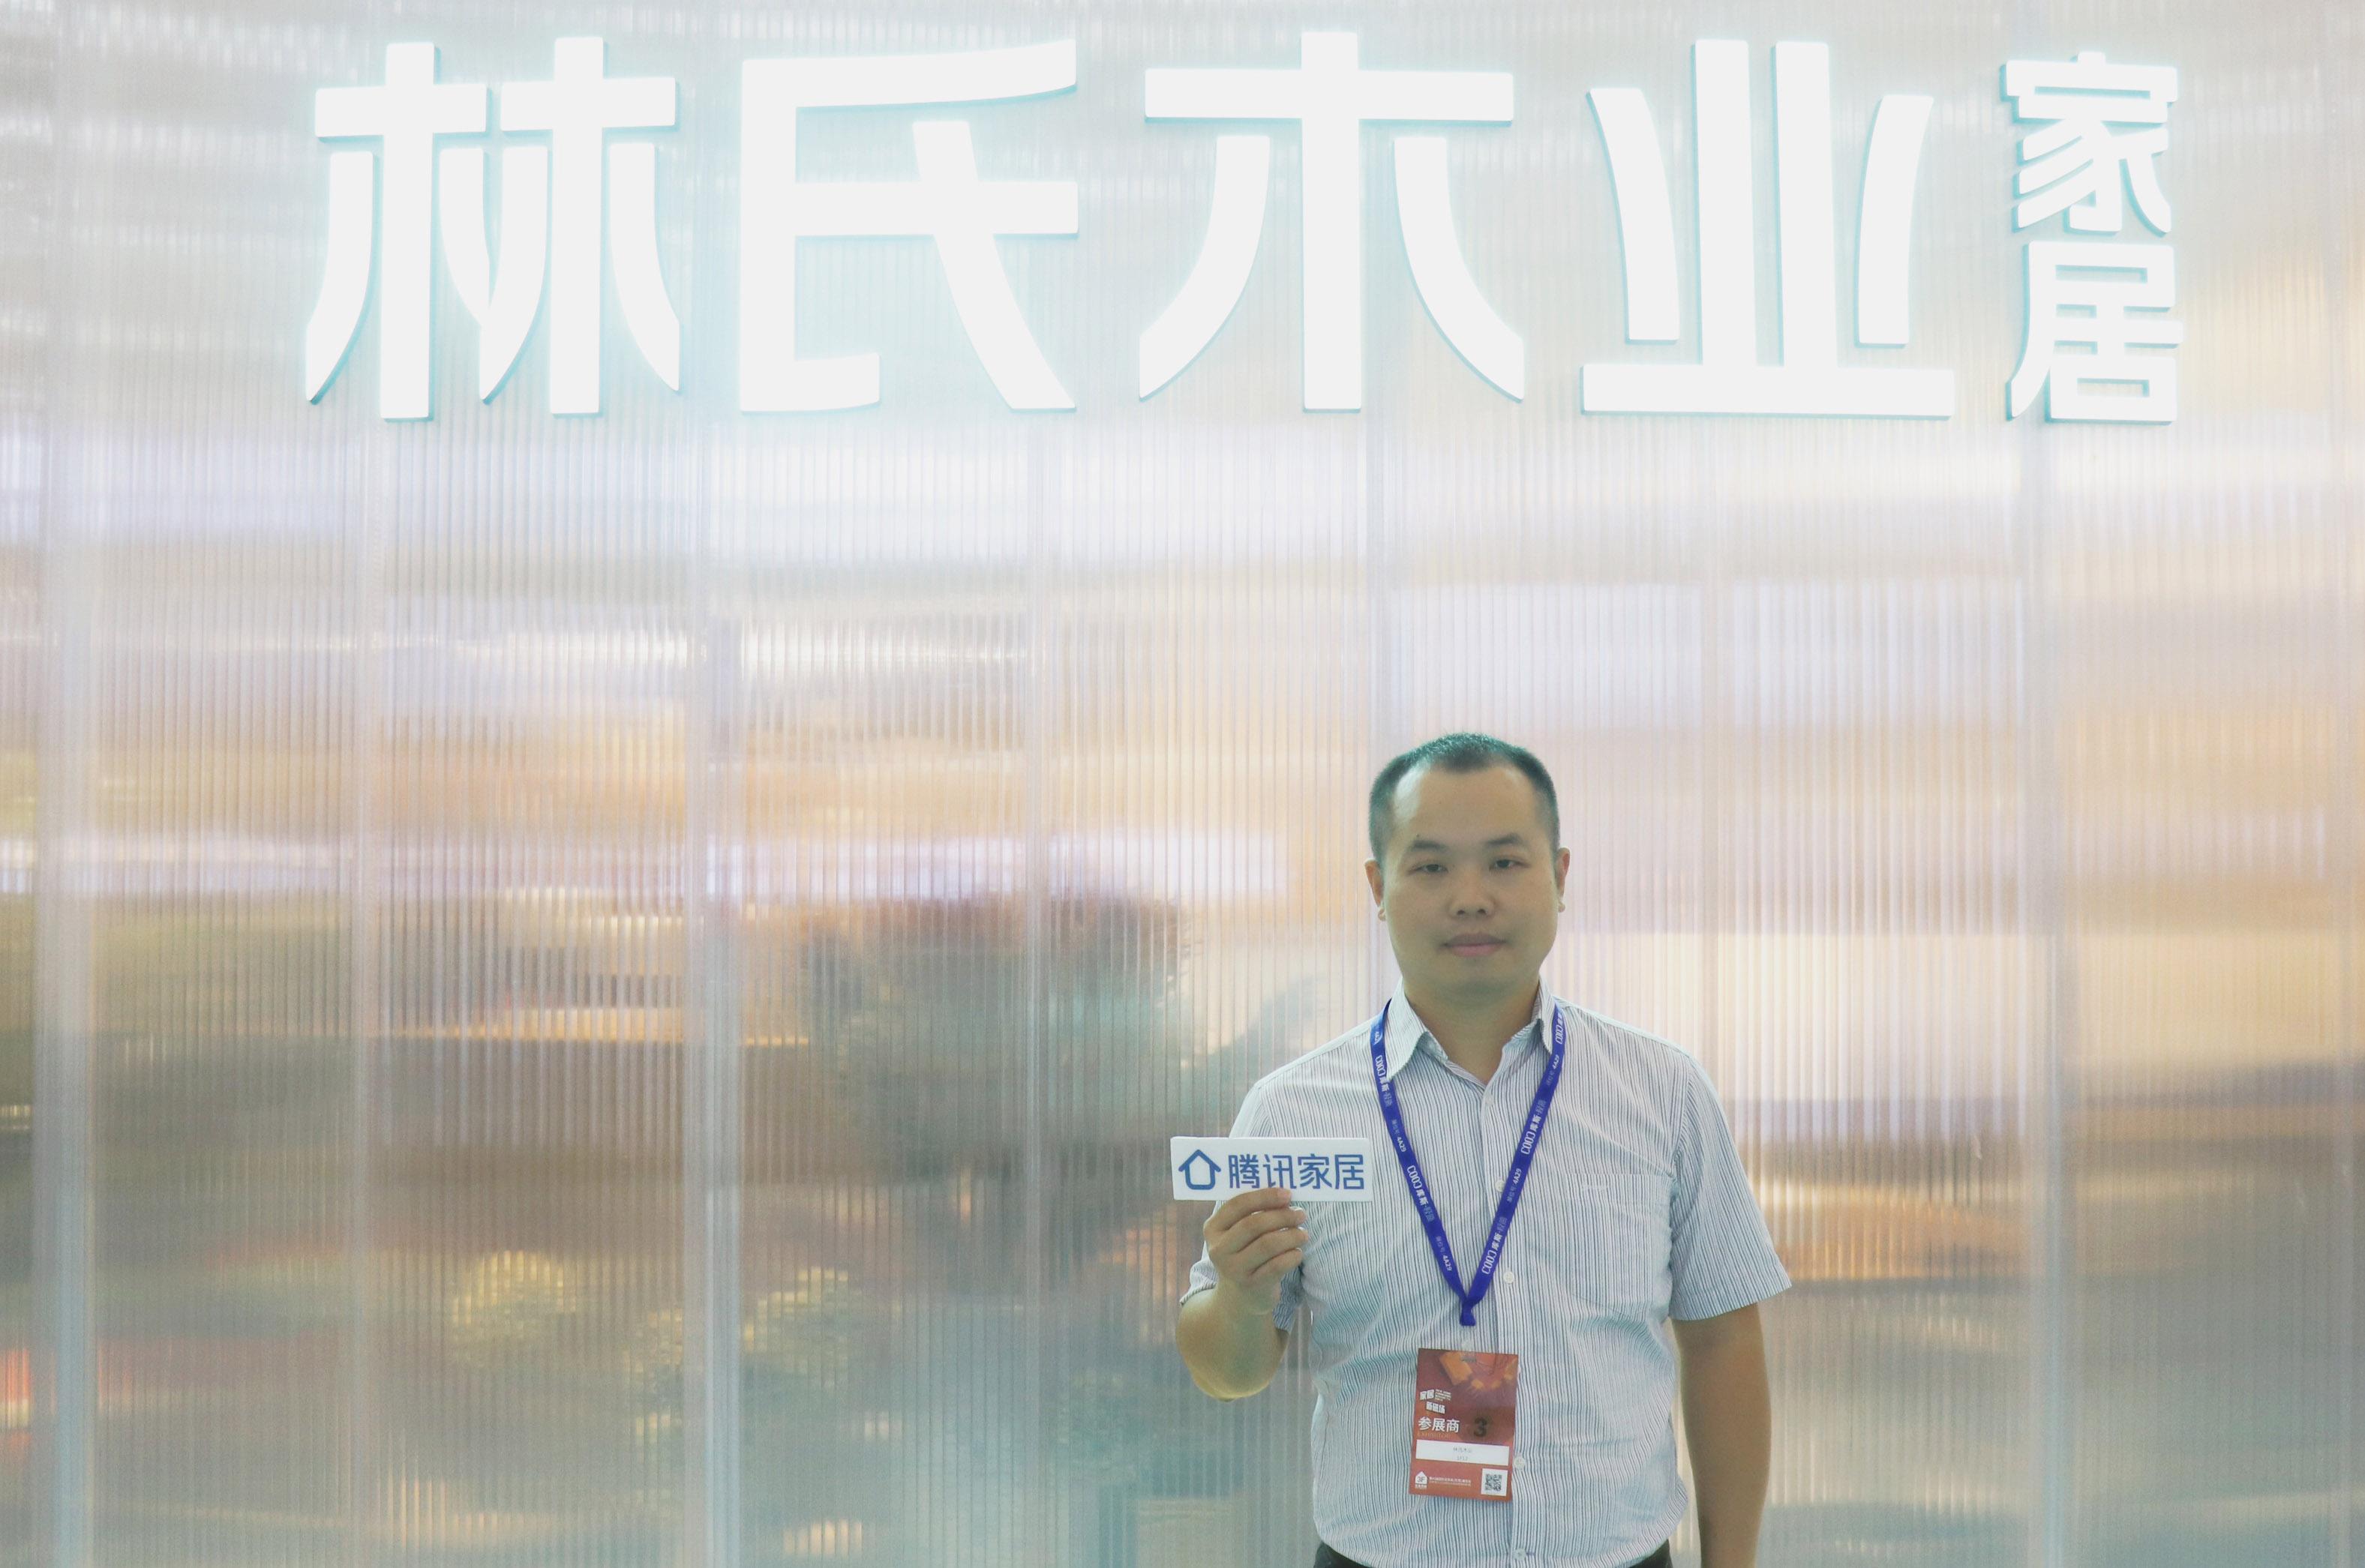 林氏木業新零售事業部總經理雷之冠:與年輕同行,引領家居潮流新風向